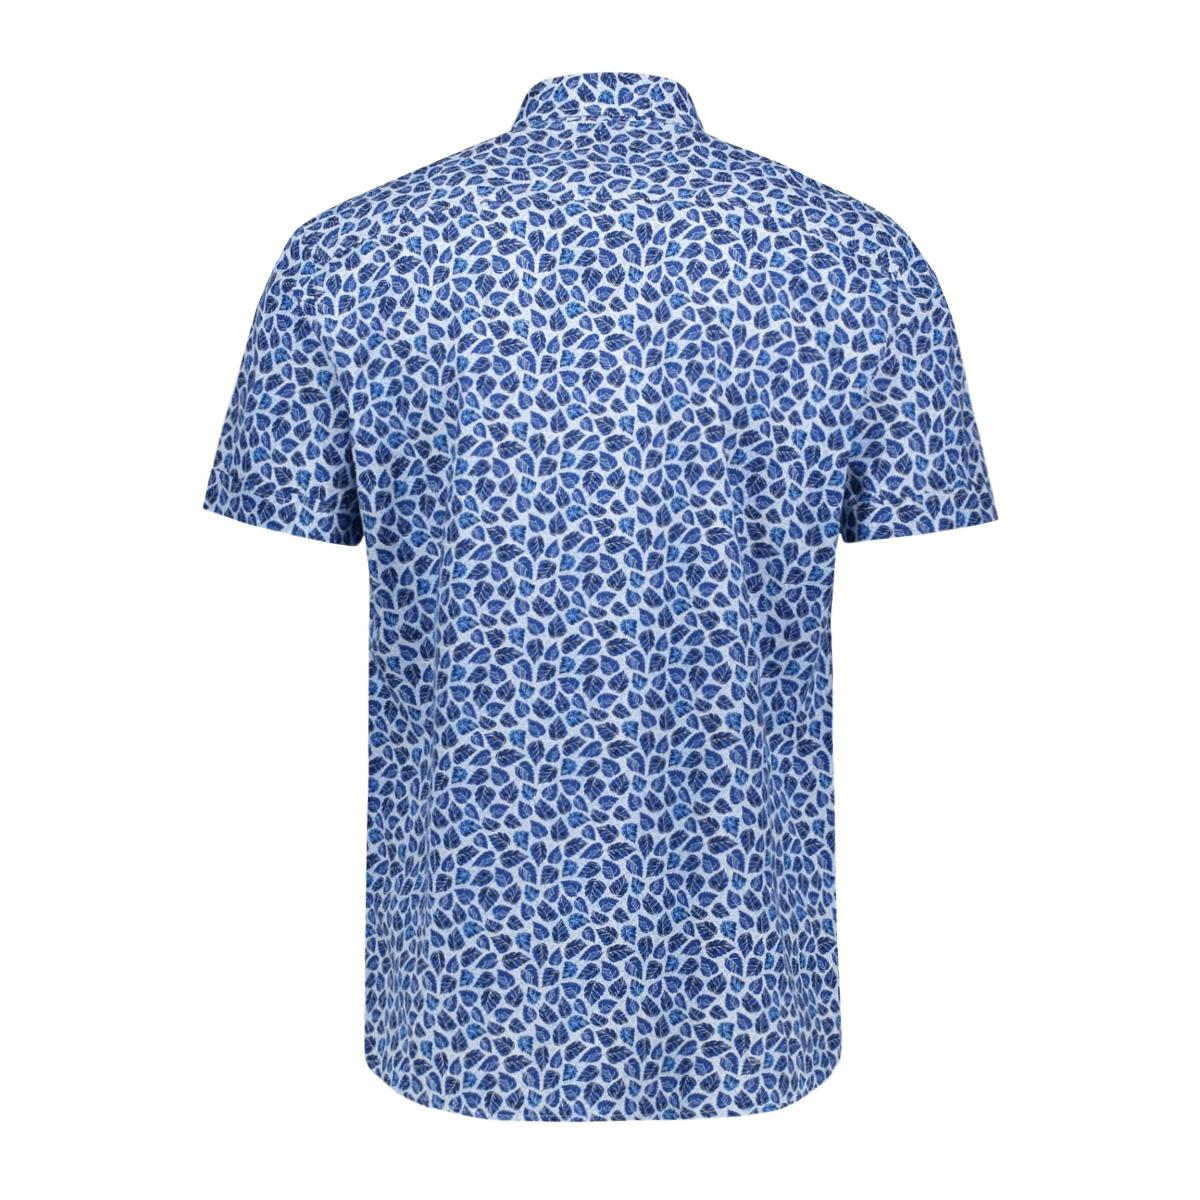 bedrukt overhemd 39023 2080 dnr overhemd 2031 blauw combi